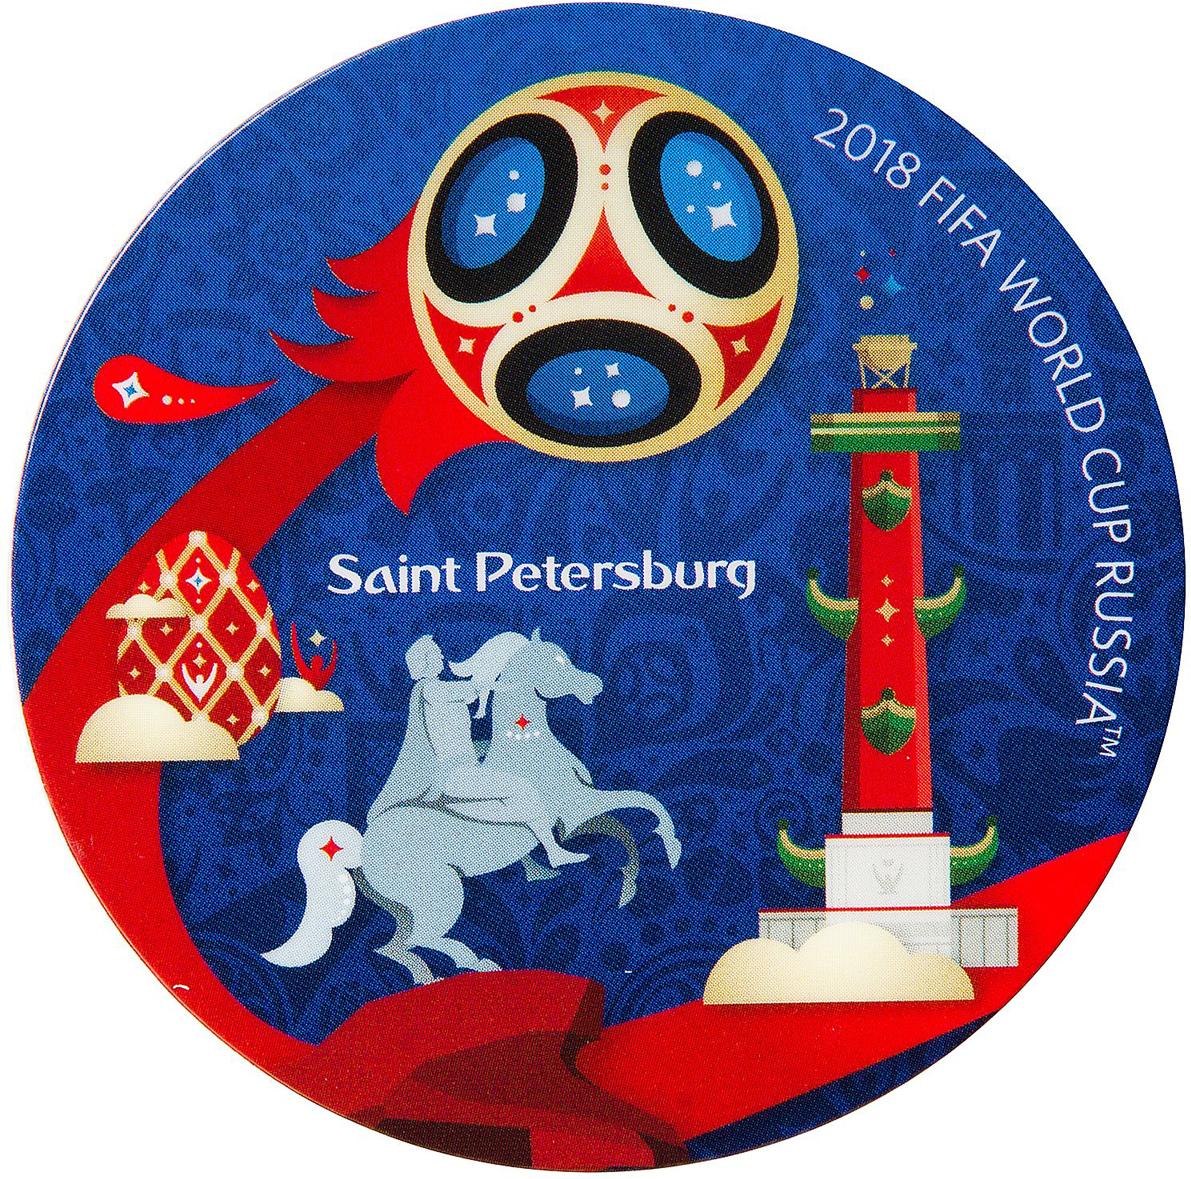 Магнит сувенирный FIFA 2018 Санкт-Петербург, 8 х 11 см. СН502 магнит сувенирный fifa 2018 кубок 6 х 13 см сн538